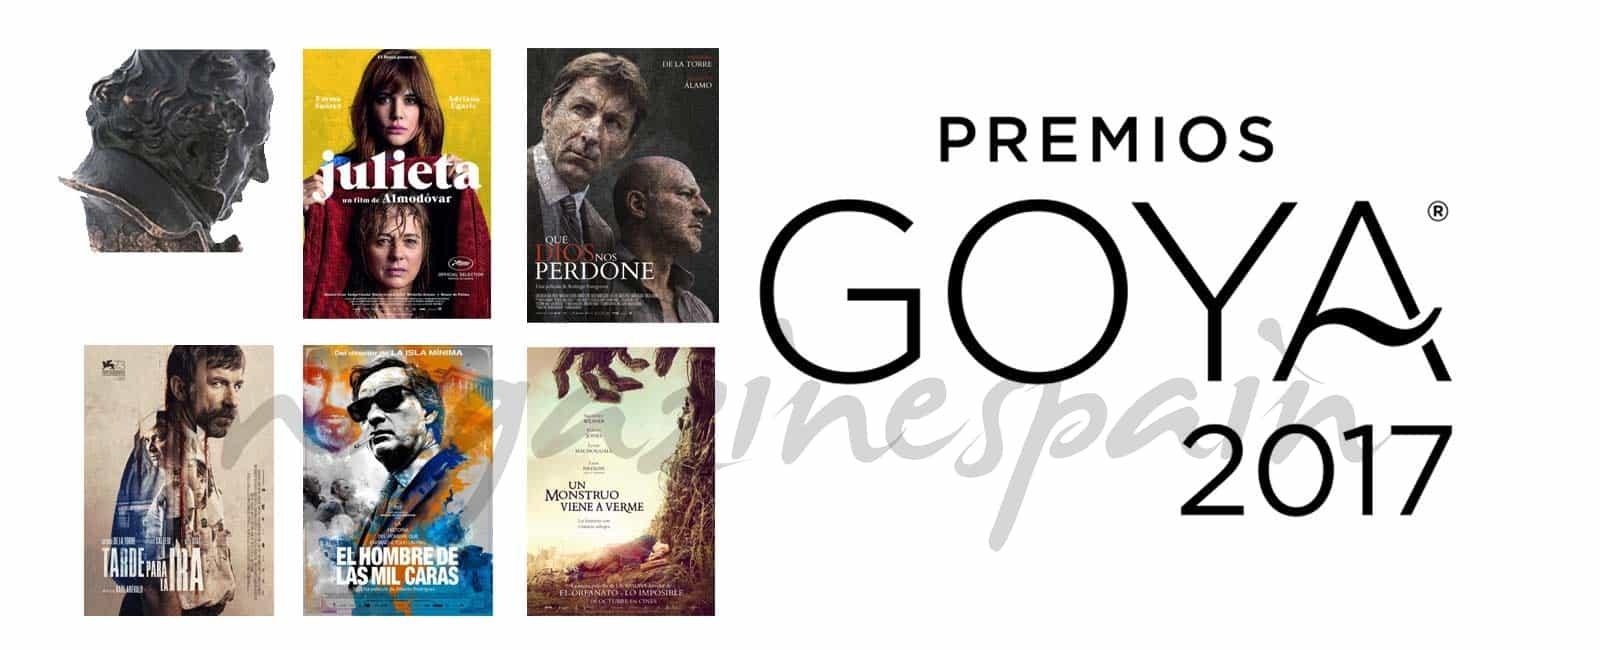 ¿Cuál es tu película favorita para ganar el Goya 2017?